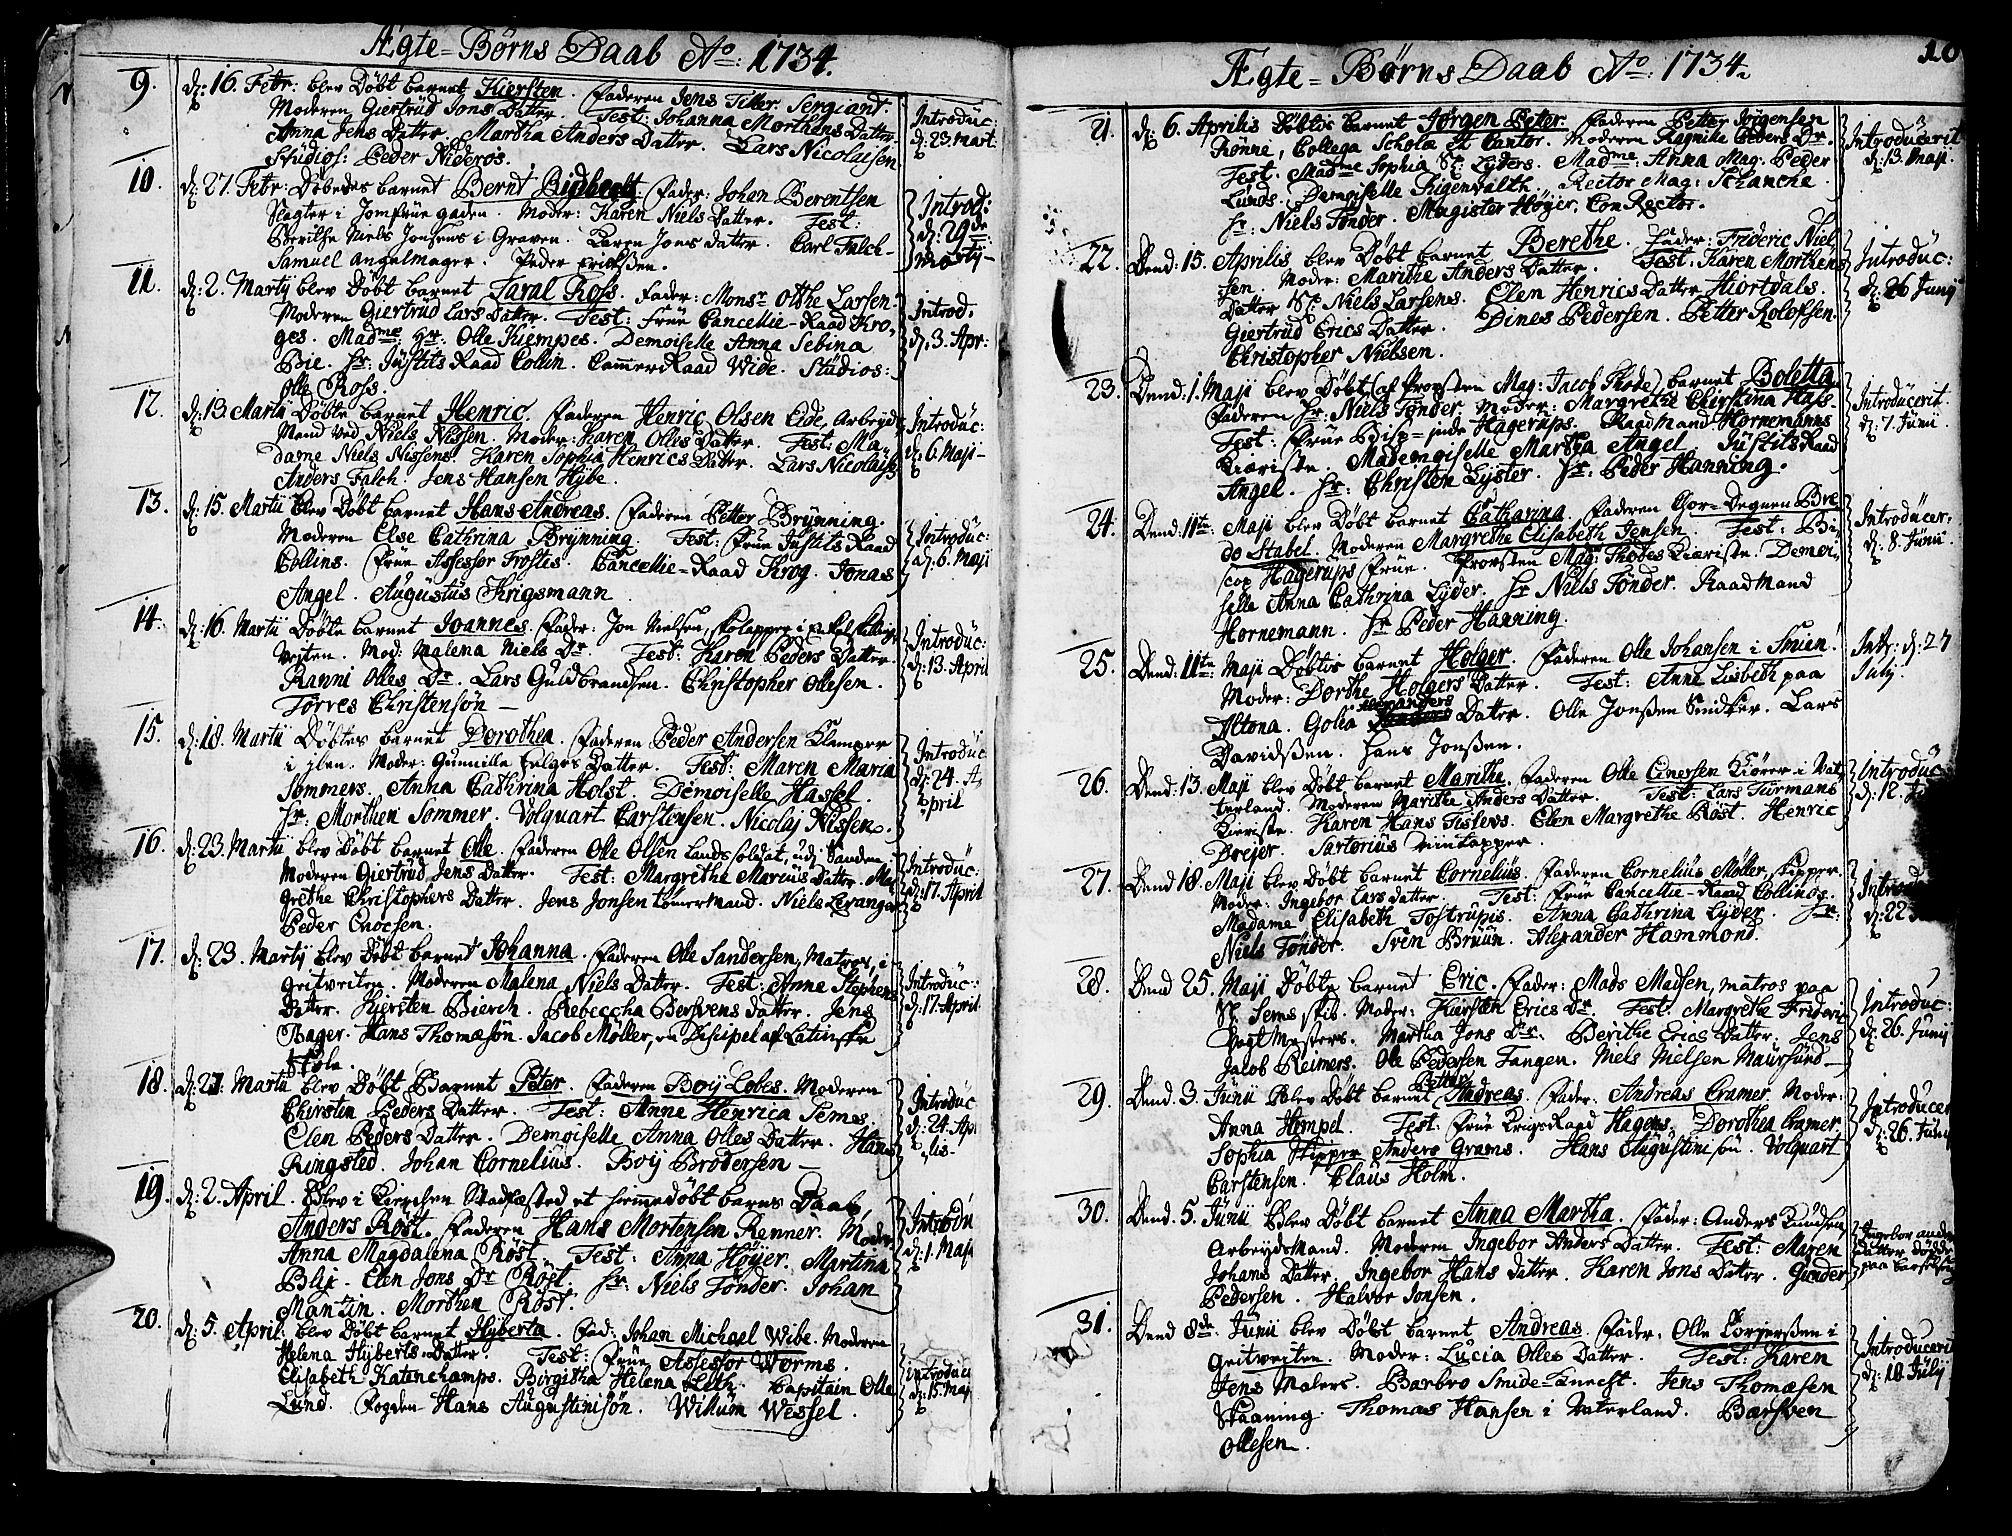 SAT, Ministerialprotokoller, klokkerbøker og fødselsregistre - Sør-Trøndelag, 602/L0103: Ministerialbok nr. 602A01, 1732-1774, s. 10